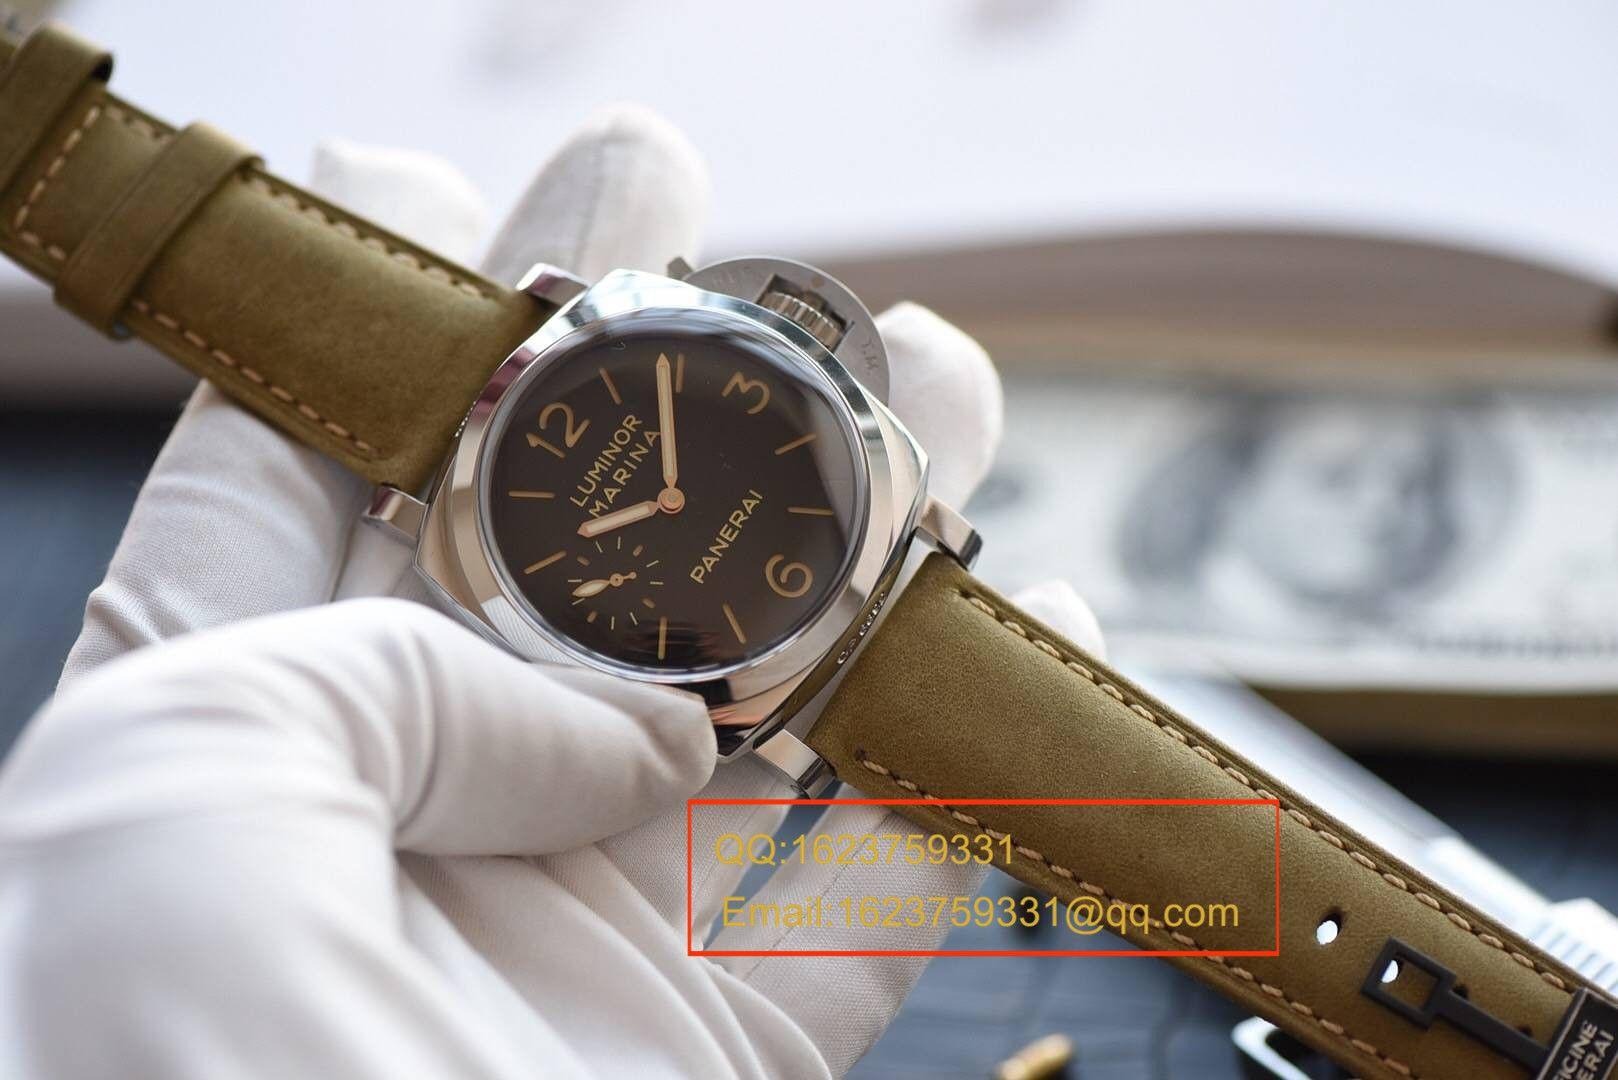 【视频评测SF厂一比一超A高仿手表】沛纳海LUMINOR 1950系列PAM00422腕表 / PAMBB00422